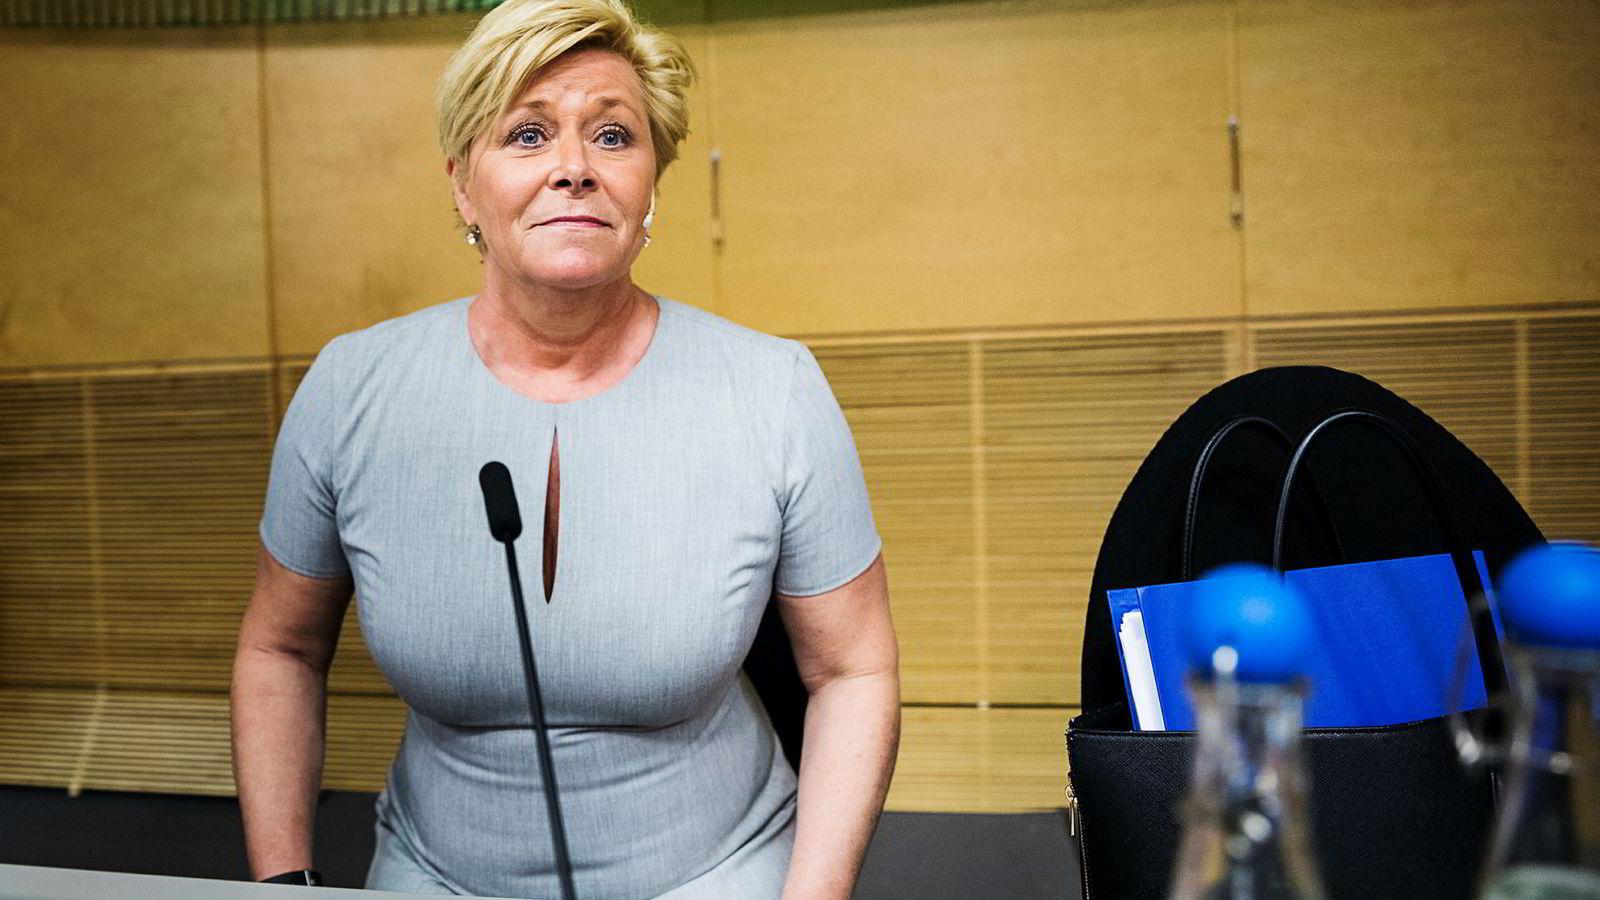 Finansminister Siv Jensen (Frp) får skryt for budsjettpolitikken fra Det internasjonale valutafondet